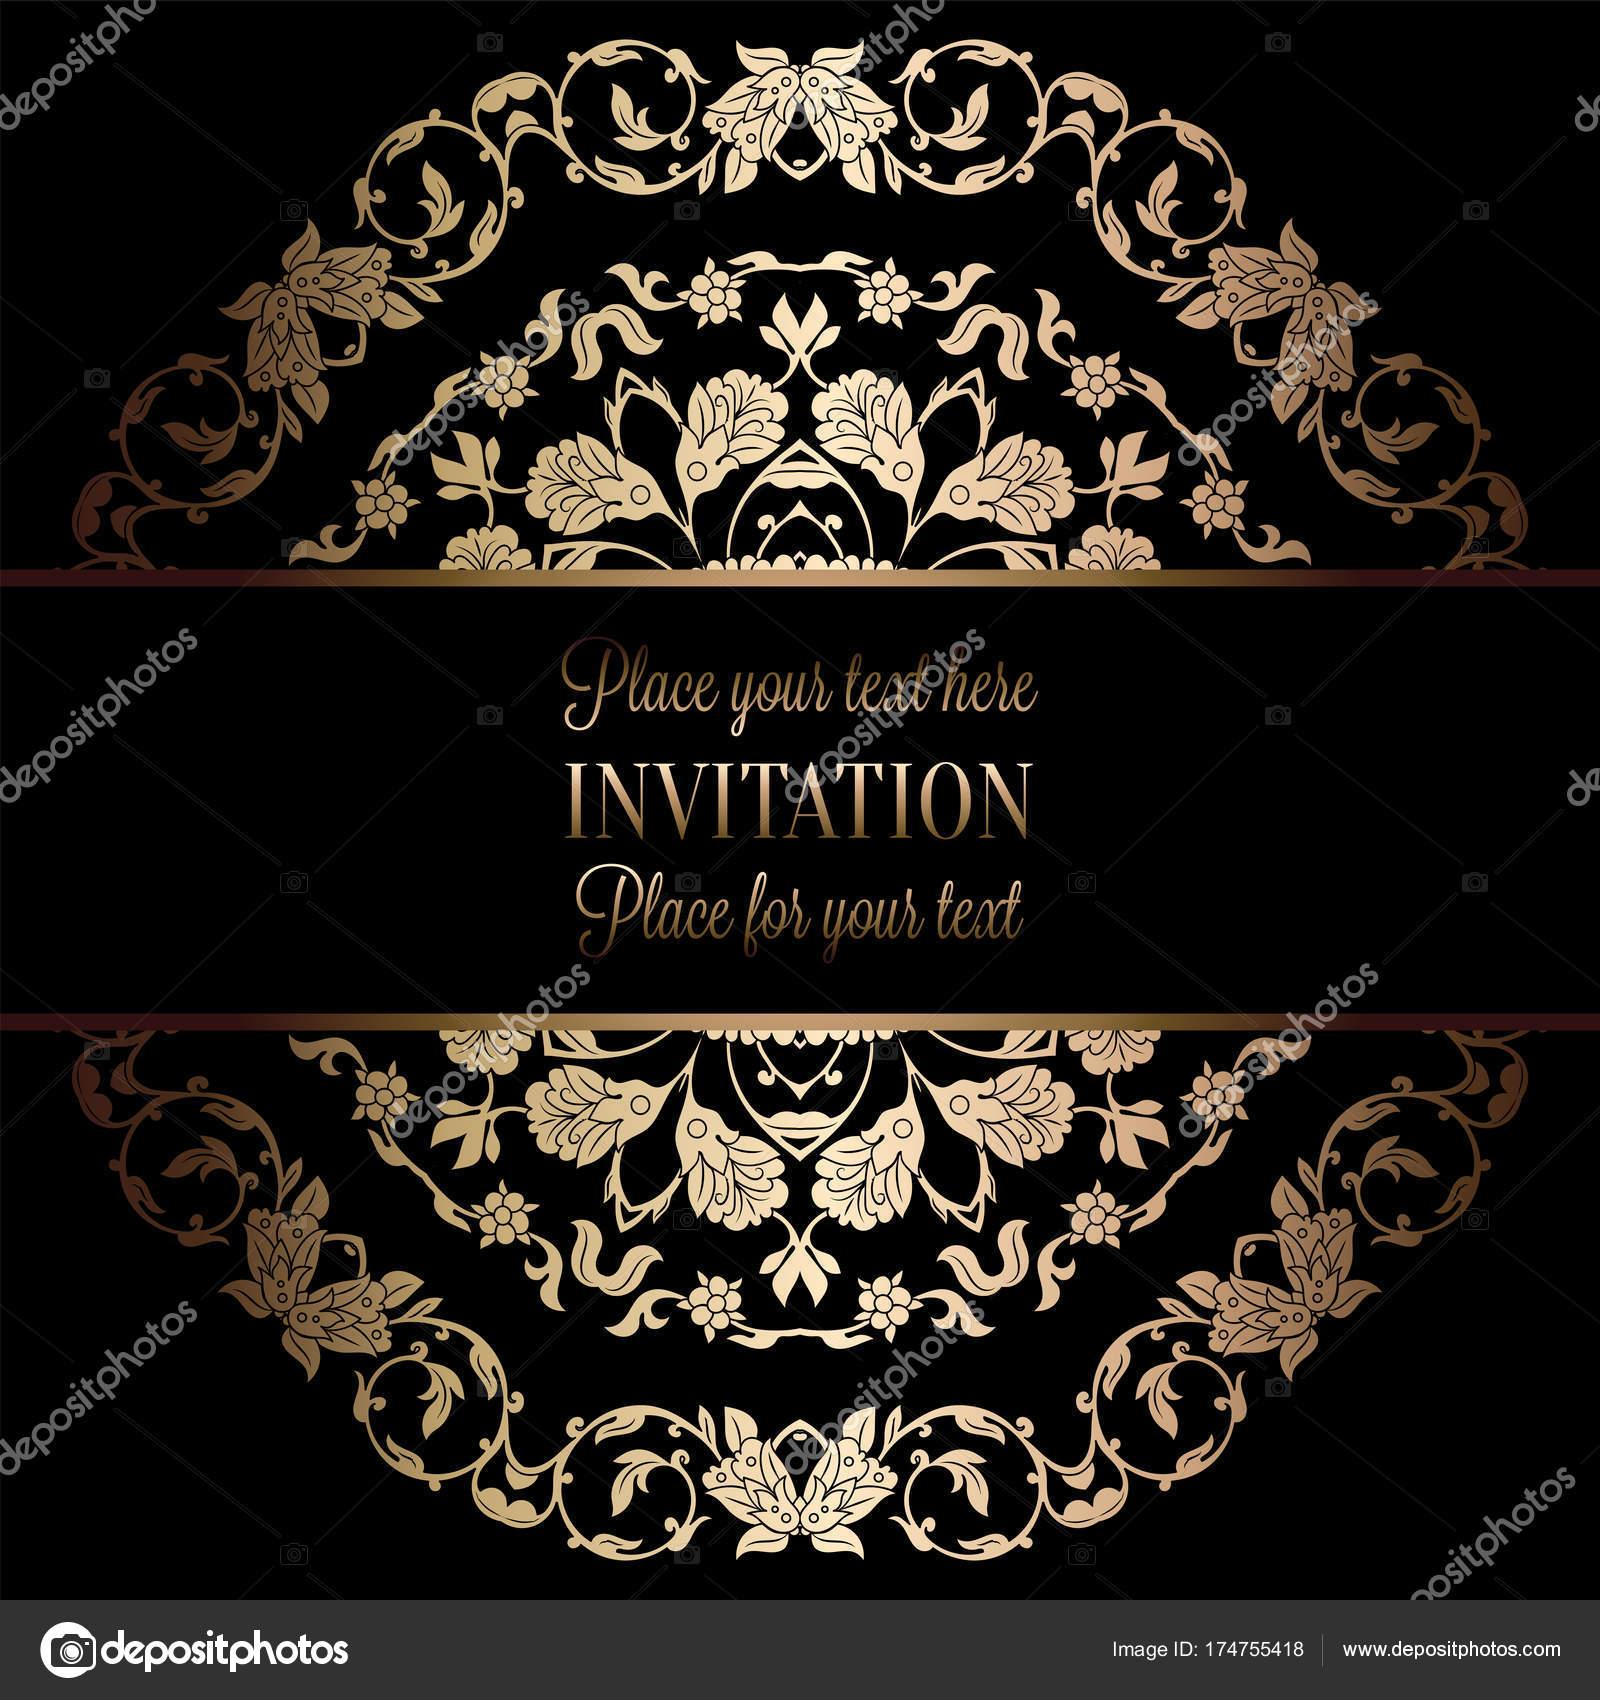 Vintage Barock Hochzeitseinladung Vorlage Mit Damast